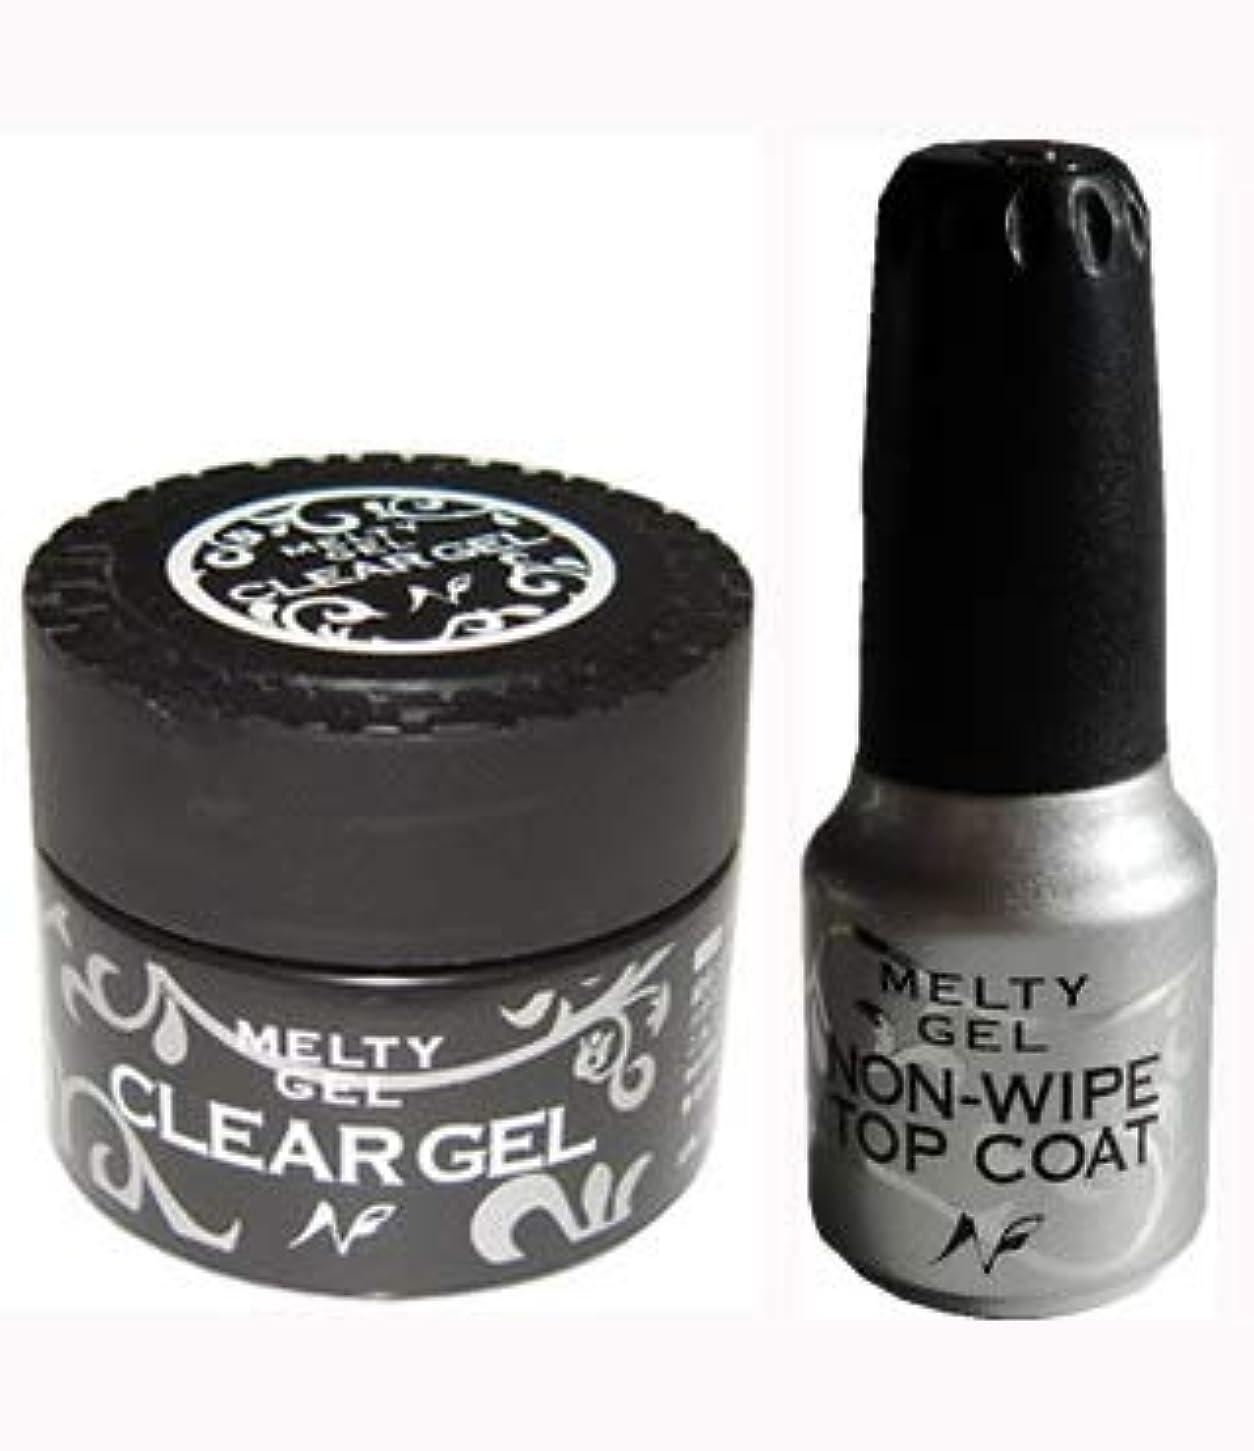 カップ一時解雇する確認Melty Gel クリアジェル 14g JNAジェルネイル検定指定製品+メルティジェル ノンワイプトップコート(拭き取り不要) セット